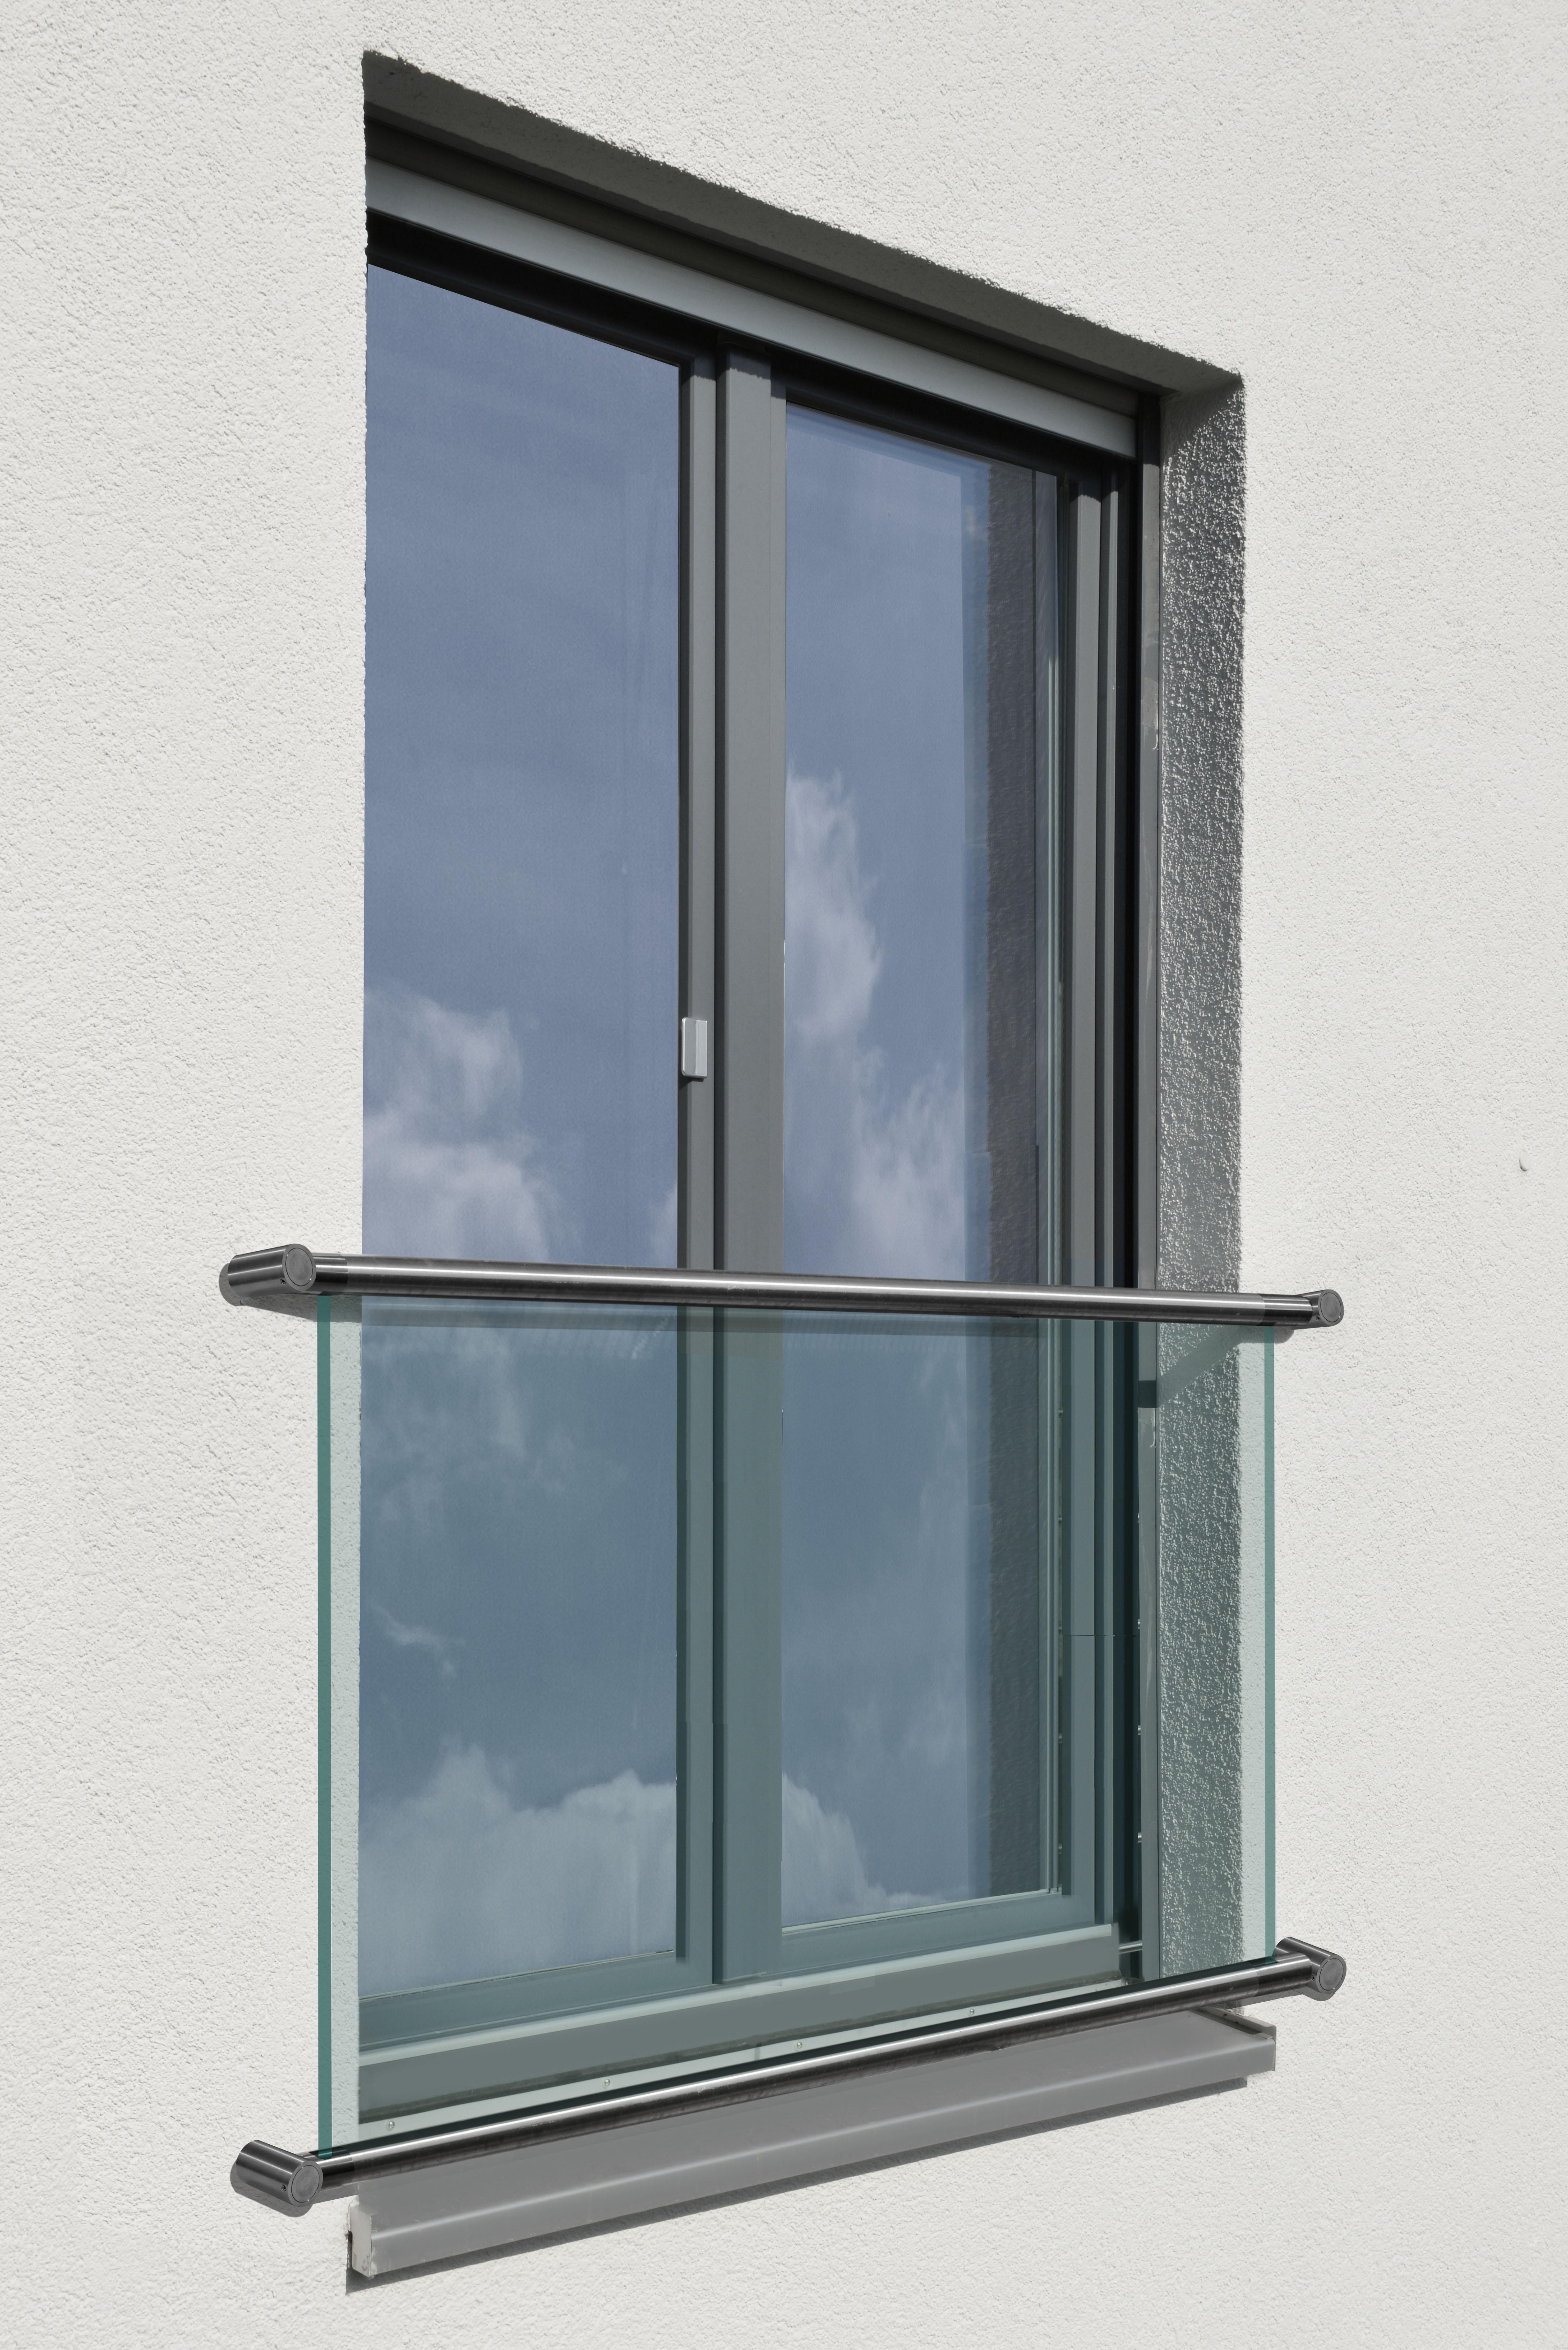 Cr Laurence Glass Door